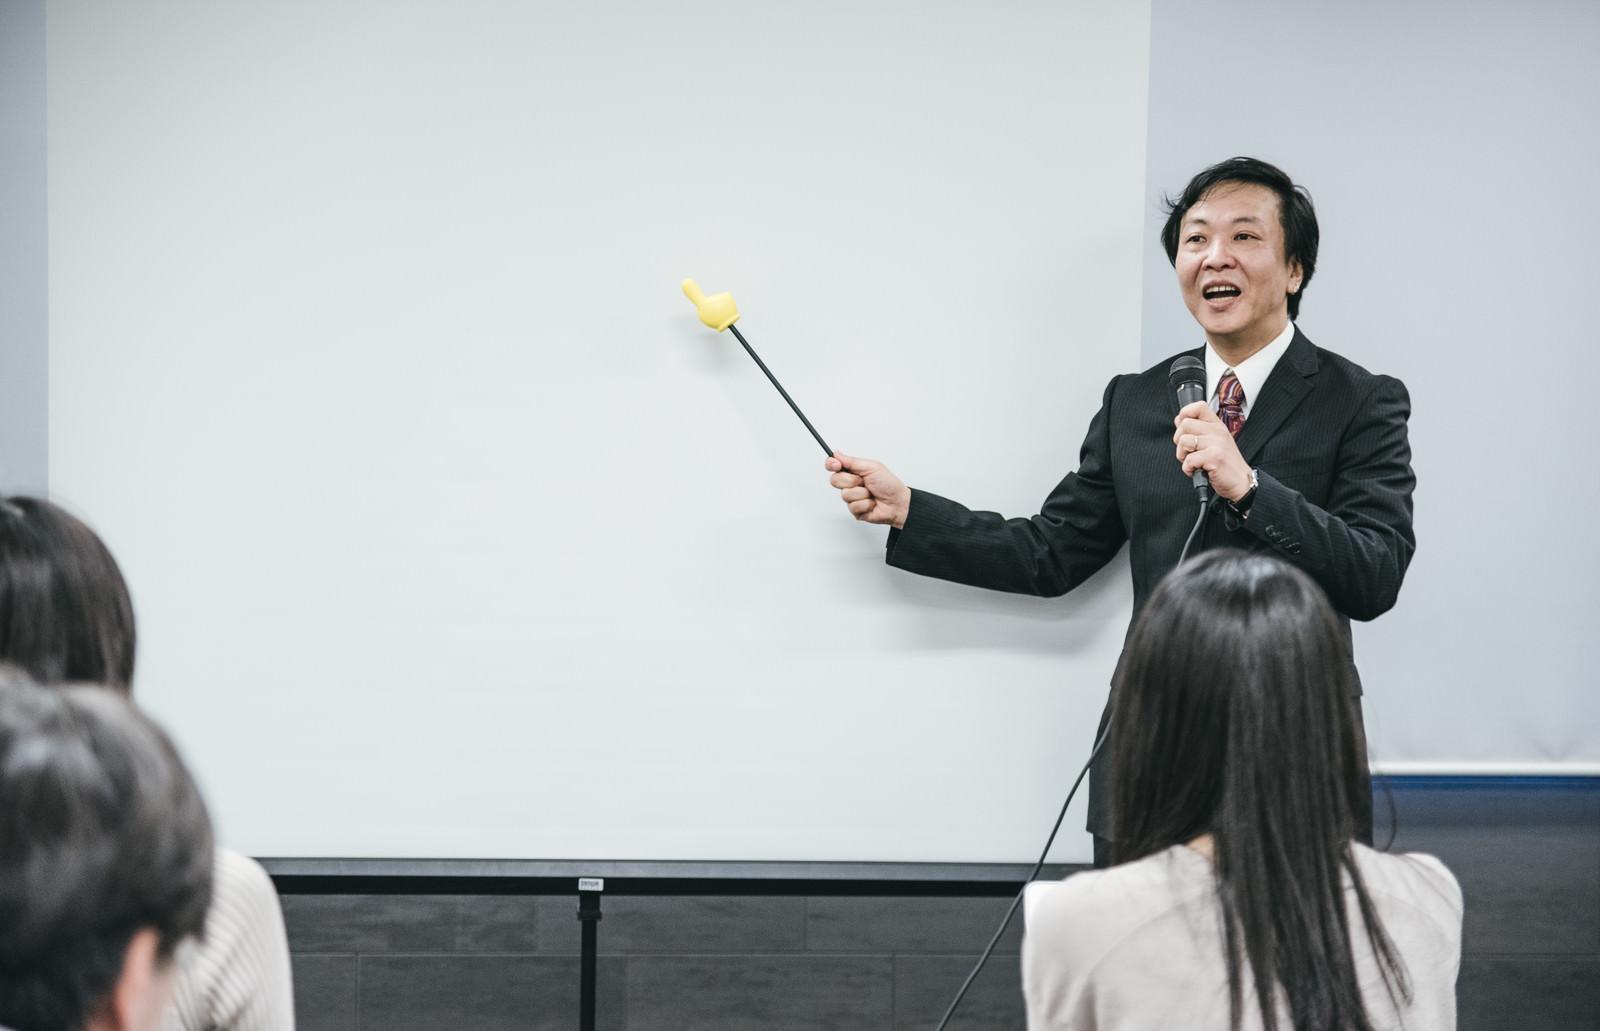 「ホワイトボードを見ながら登壇するセミナー講師」の写真[モデル:のせさん]